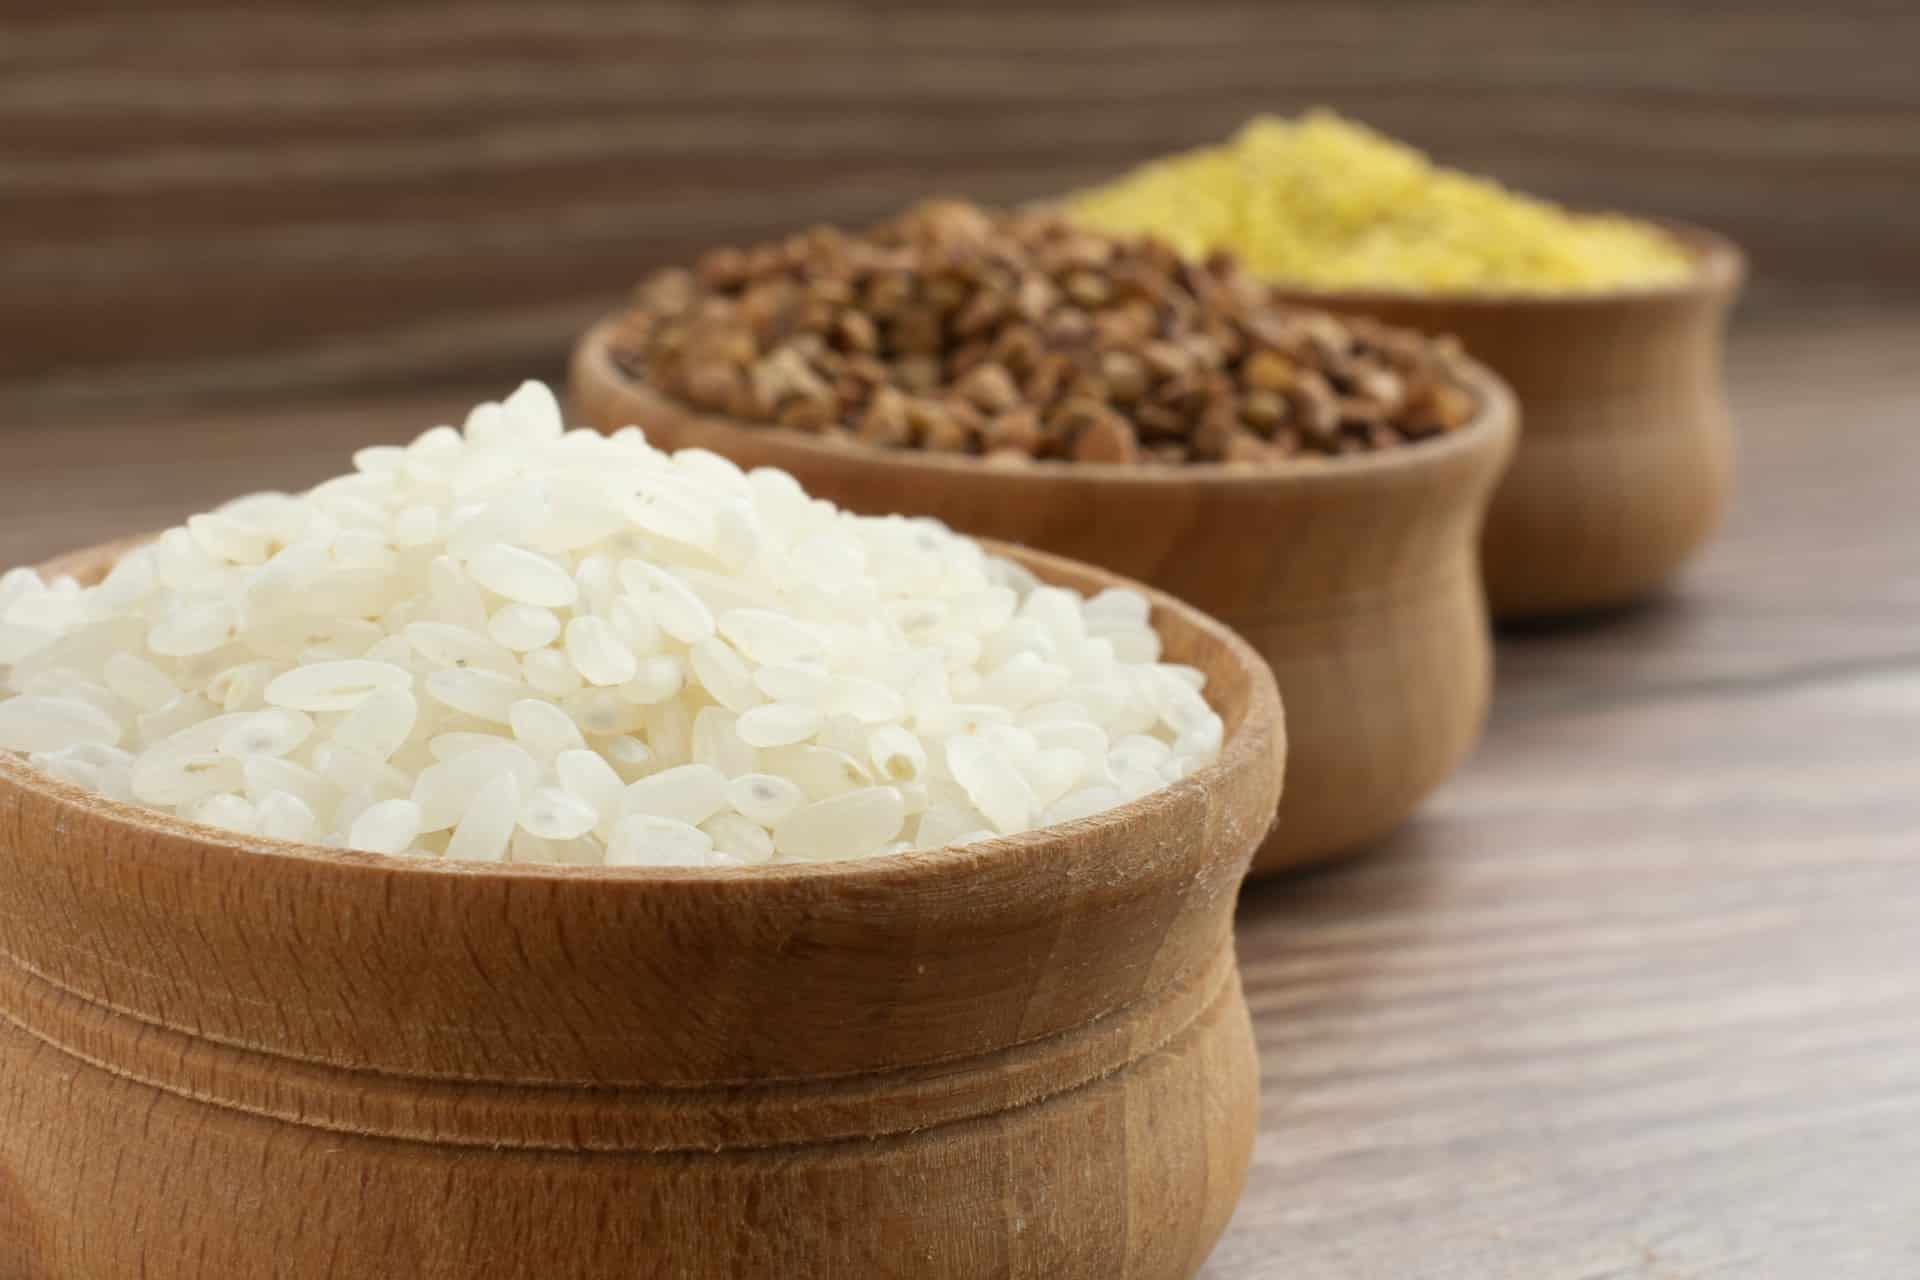 Kasza jęczmienna kcal, indeks glikemiczny, wartości odżywcze